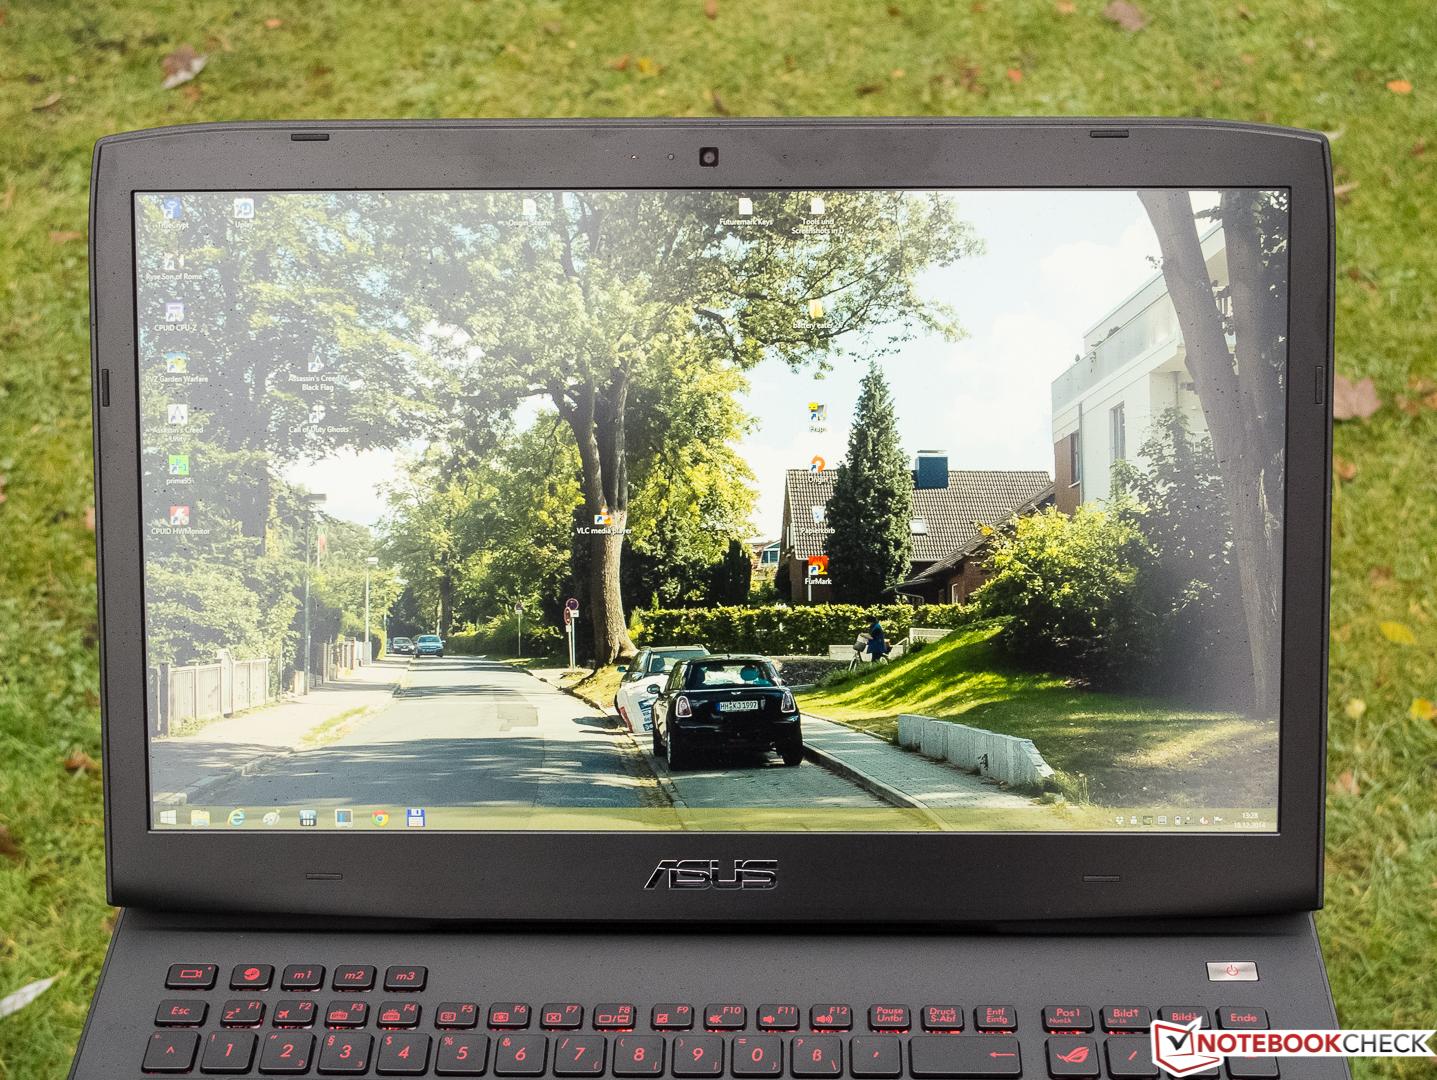 Asus ROG G751JY with GeForce GTX 980M